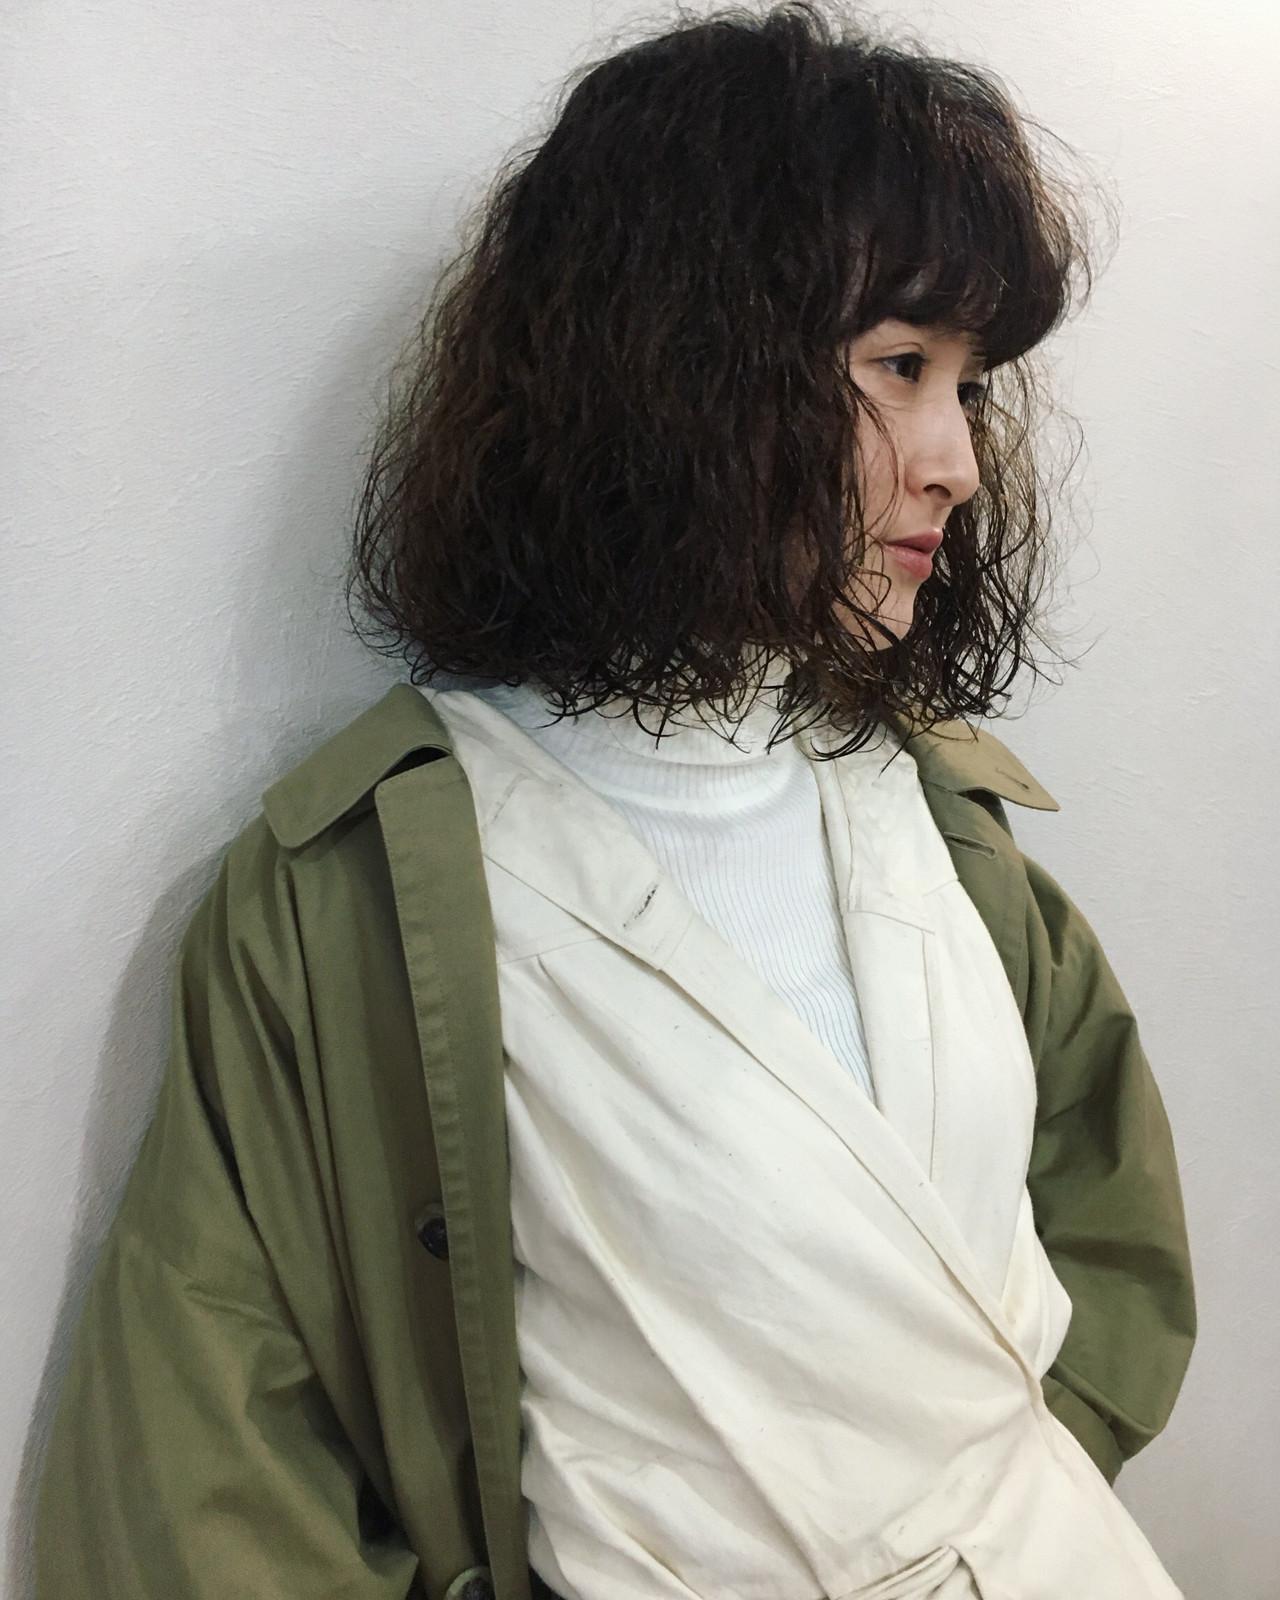 モード 大人女子 ラフ ストリート ヘアスタイルや髪型の写真・画像 | AKIRA HASUNUMA / ILLATOS hair salon